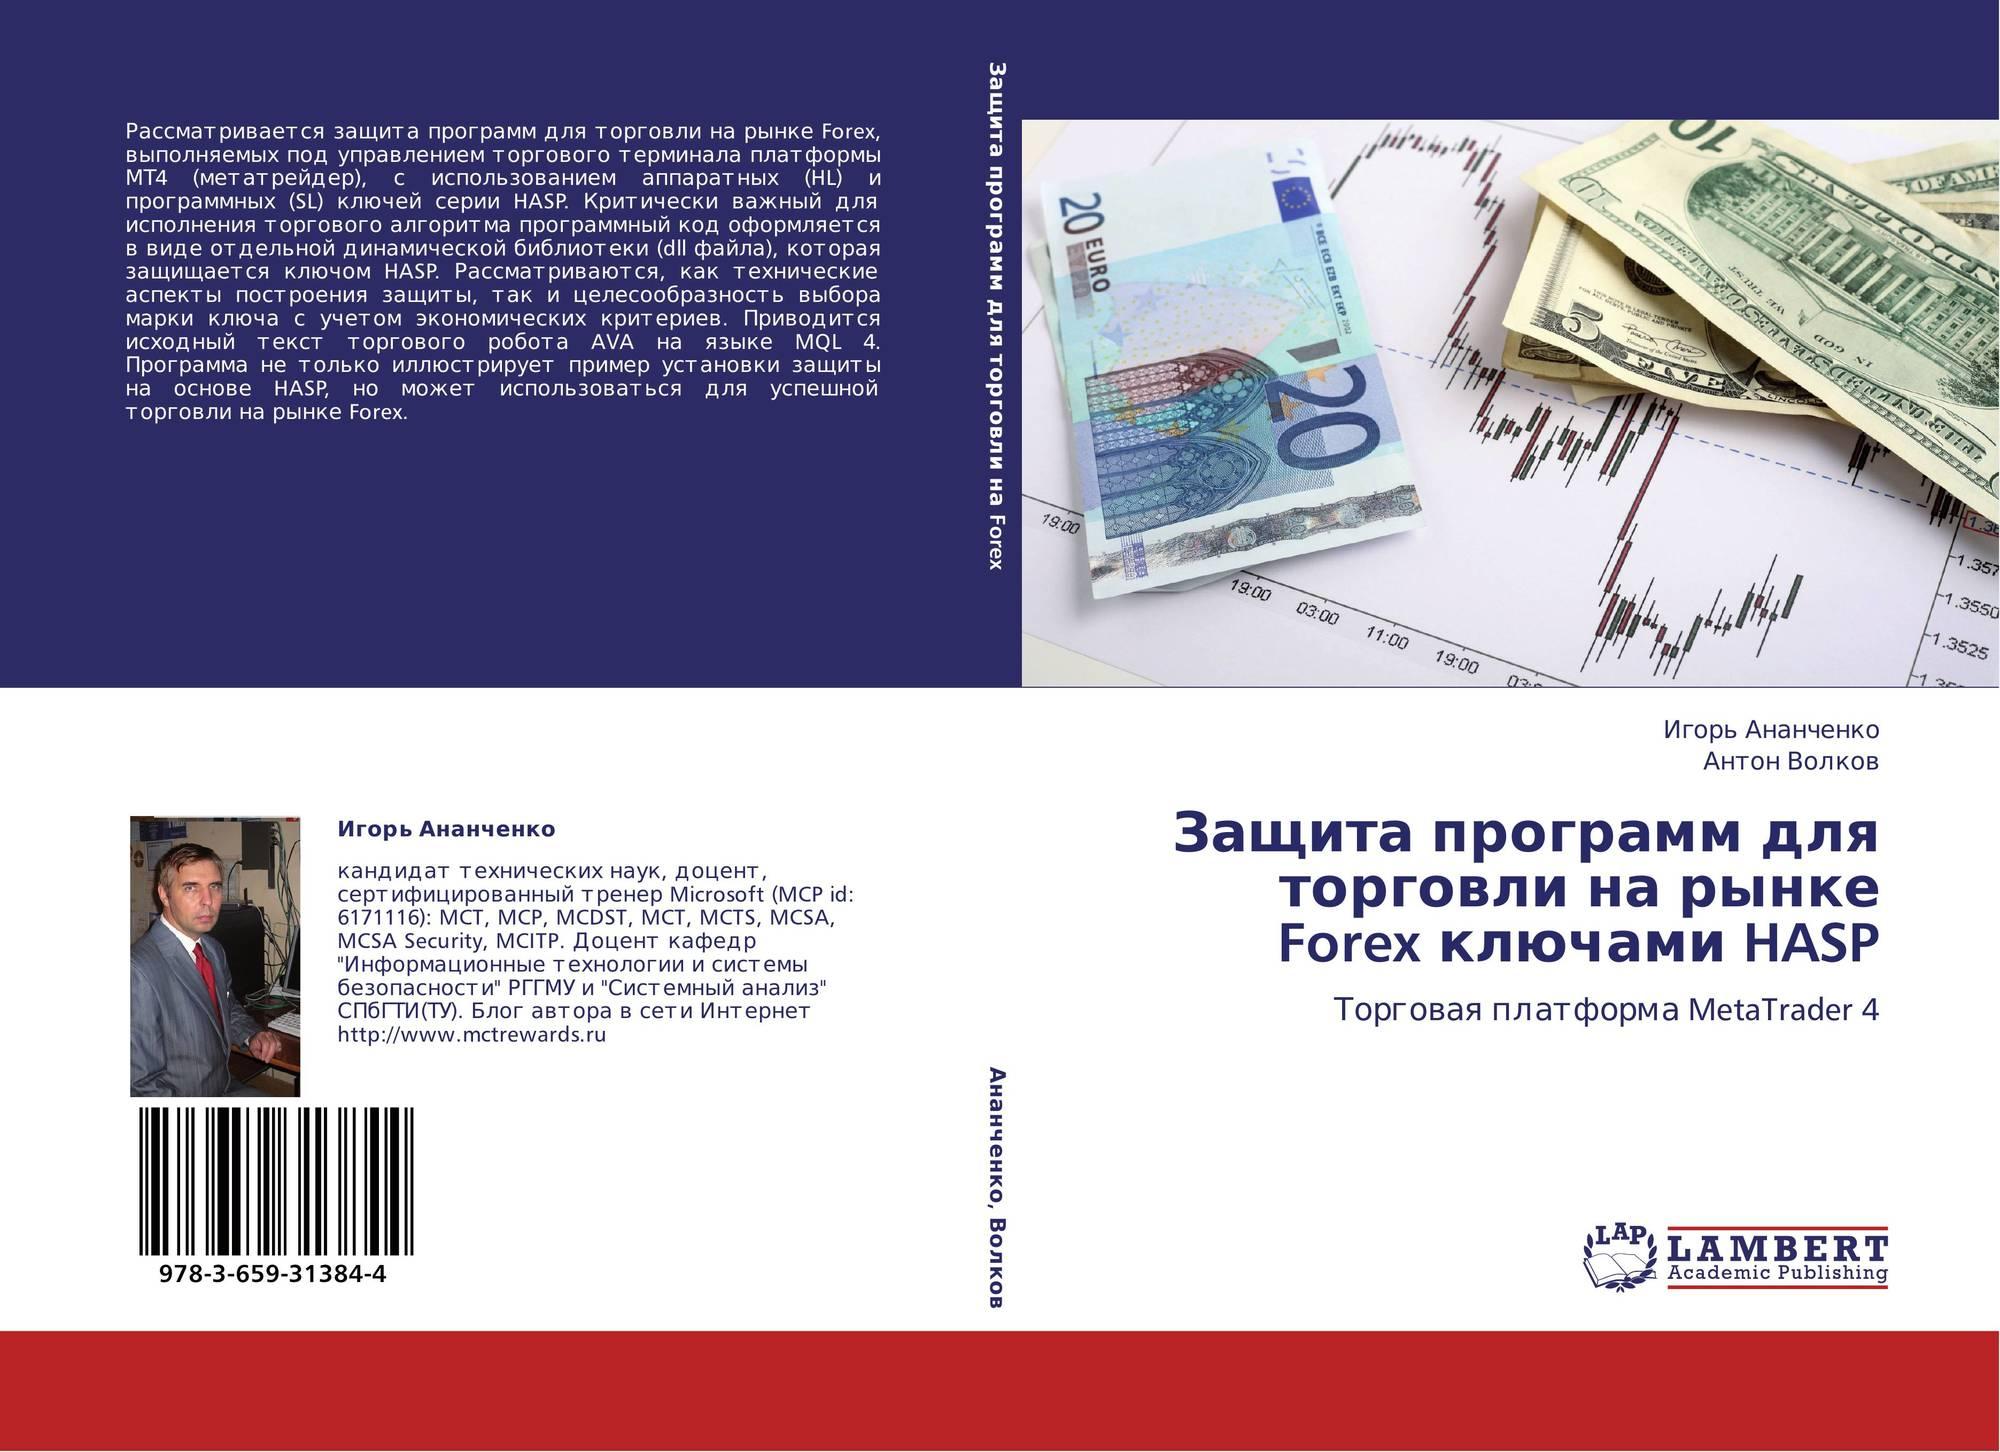 Марк аврелий форекс курс валют рубль доллар сша